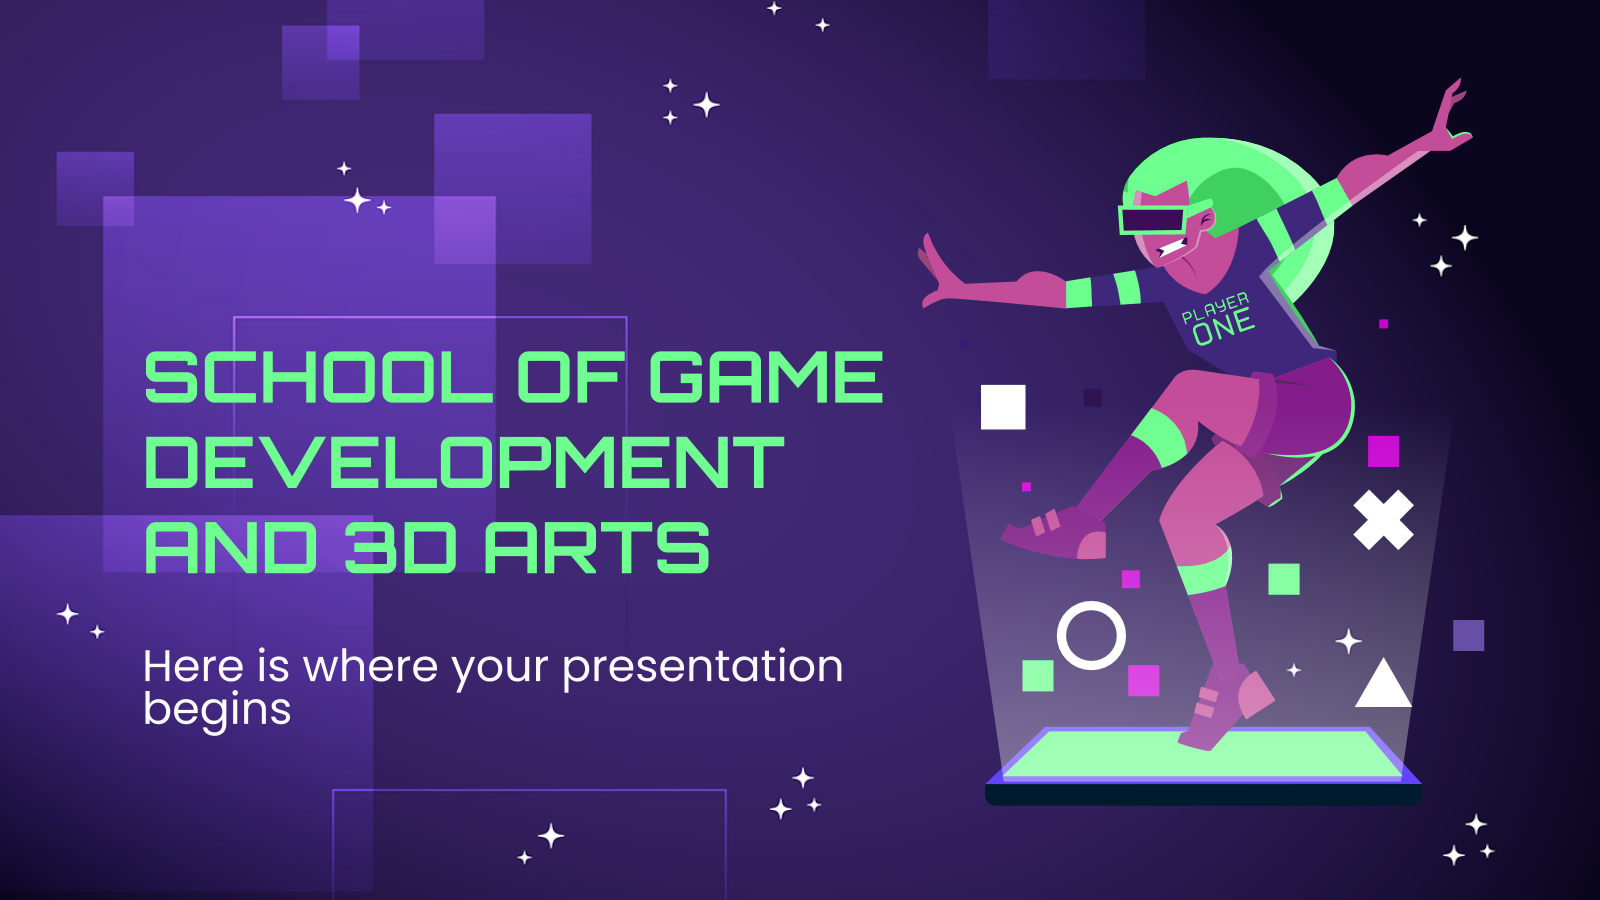 École de développement de jeux vidéo et 3D : Modèles de présentation